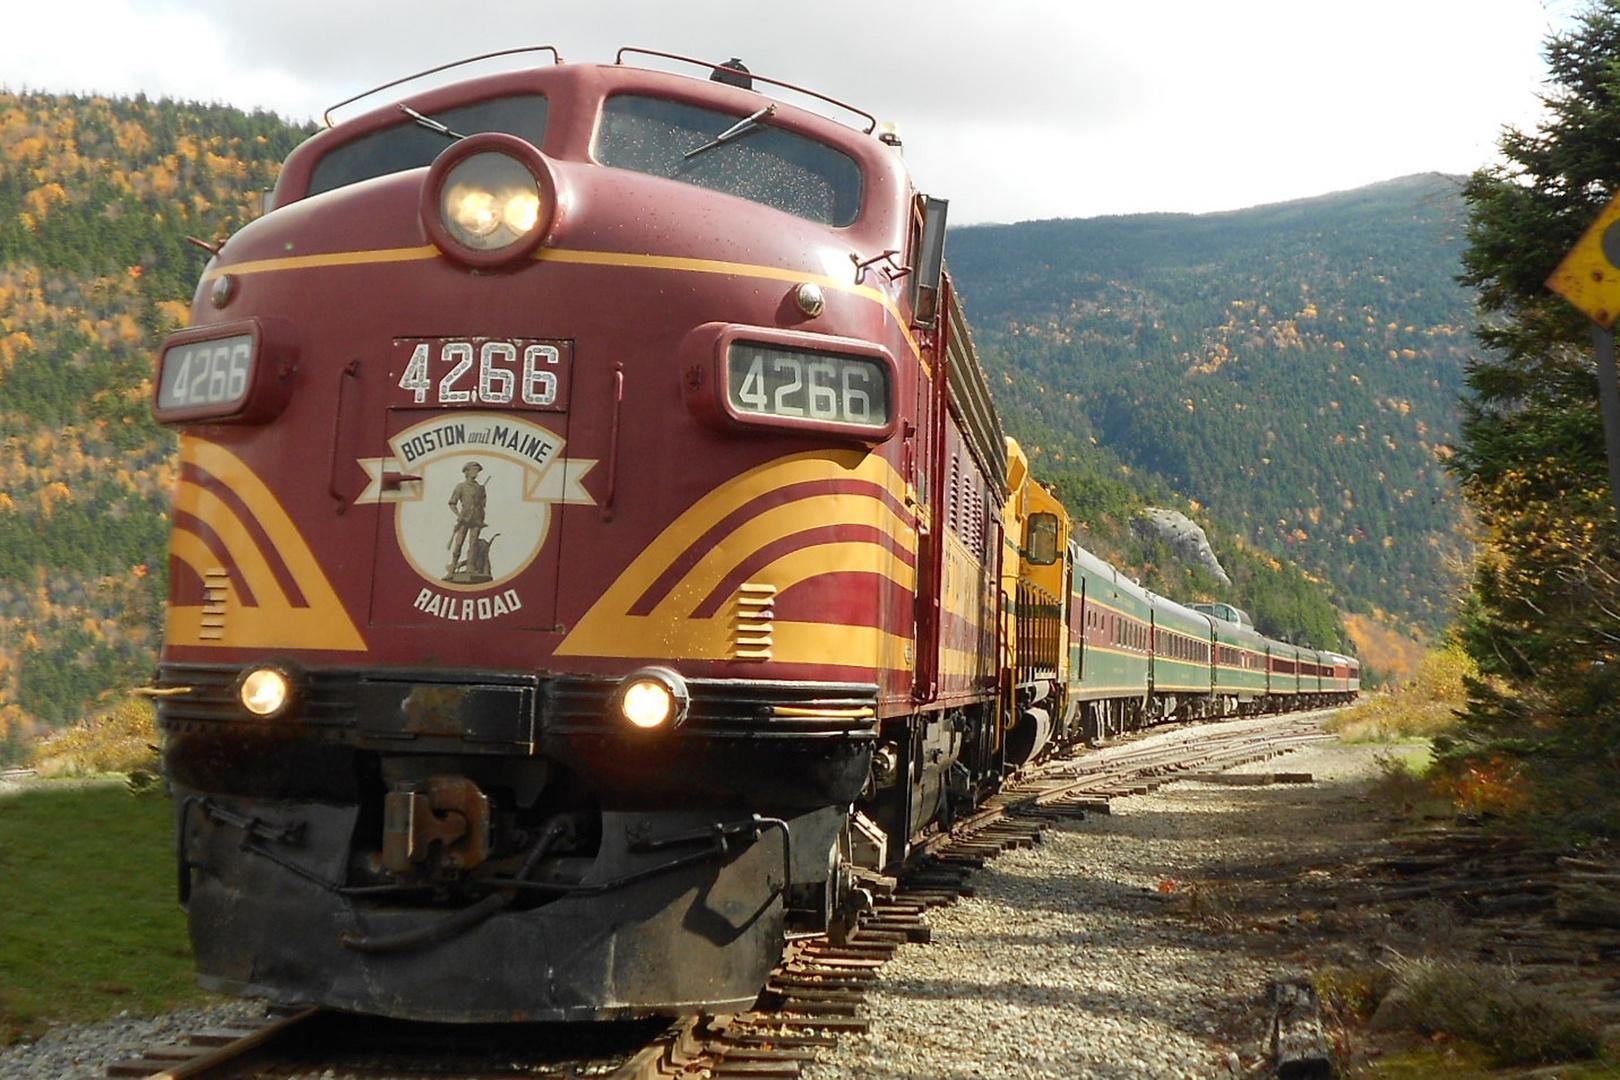 Appalachian Mountain Express